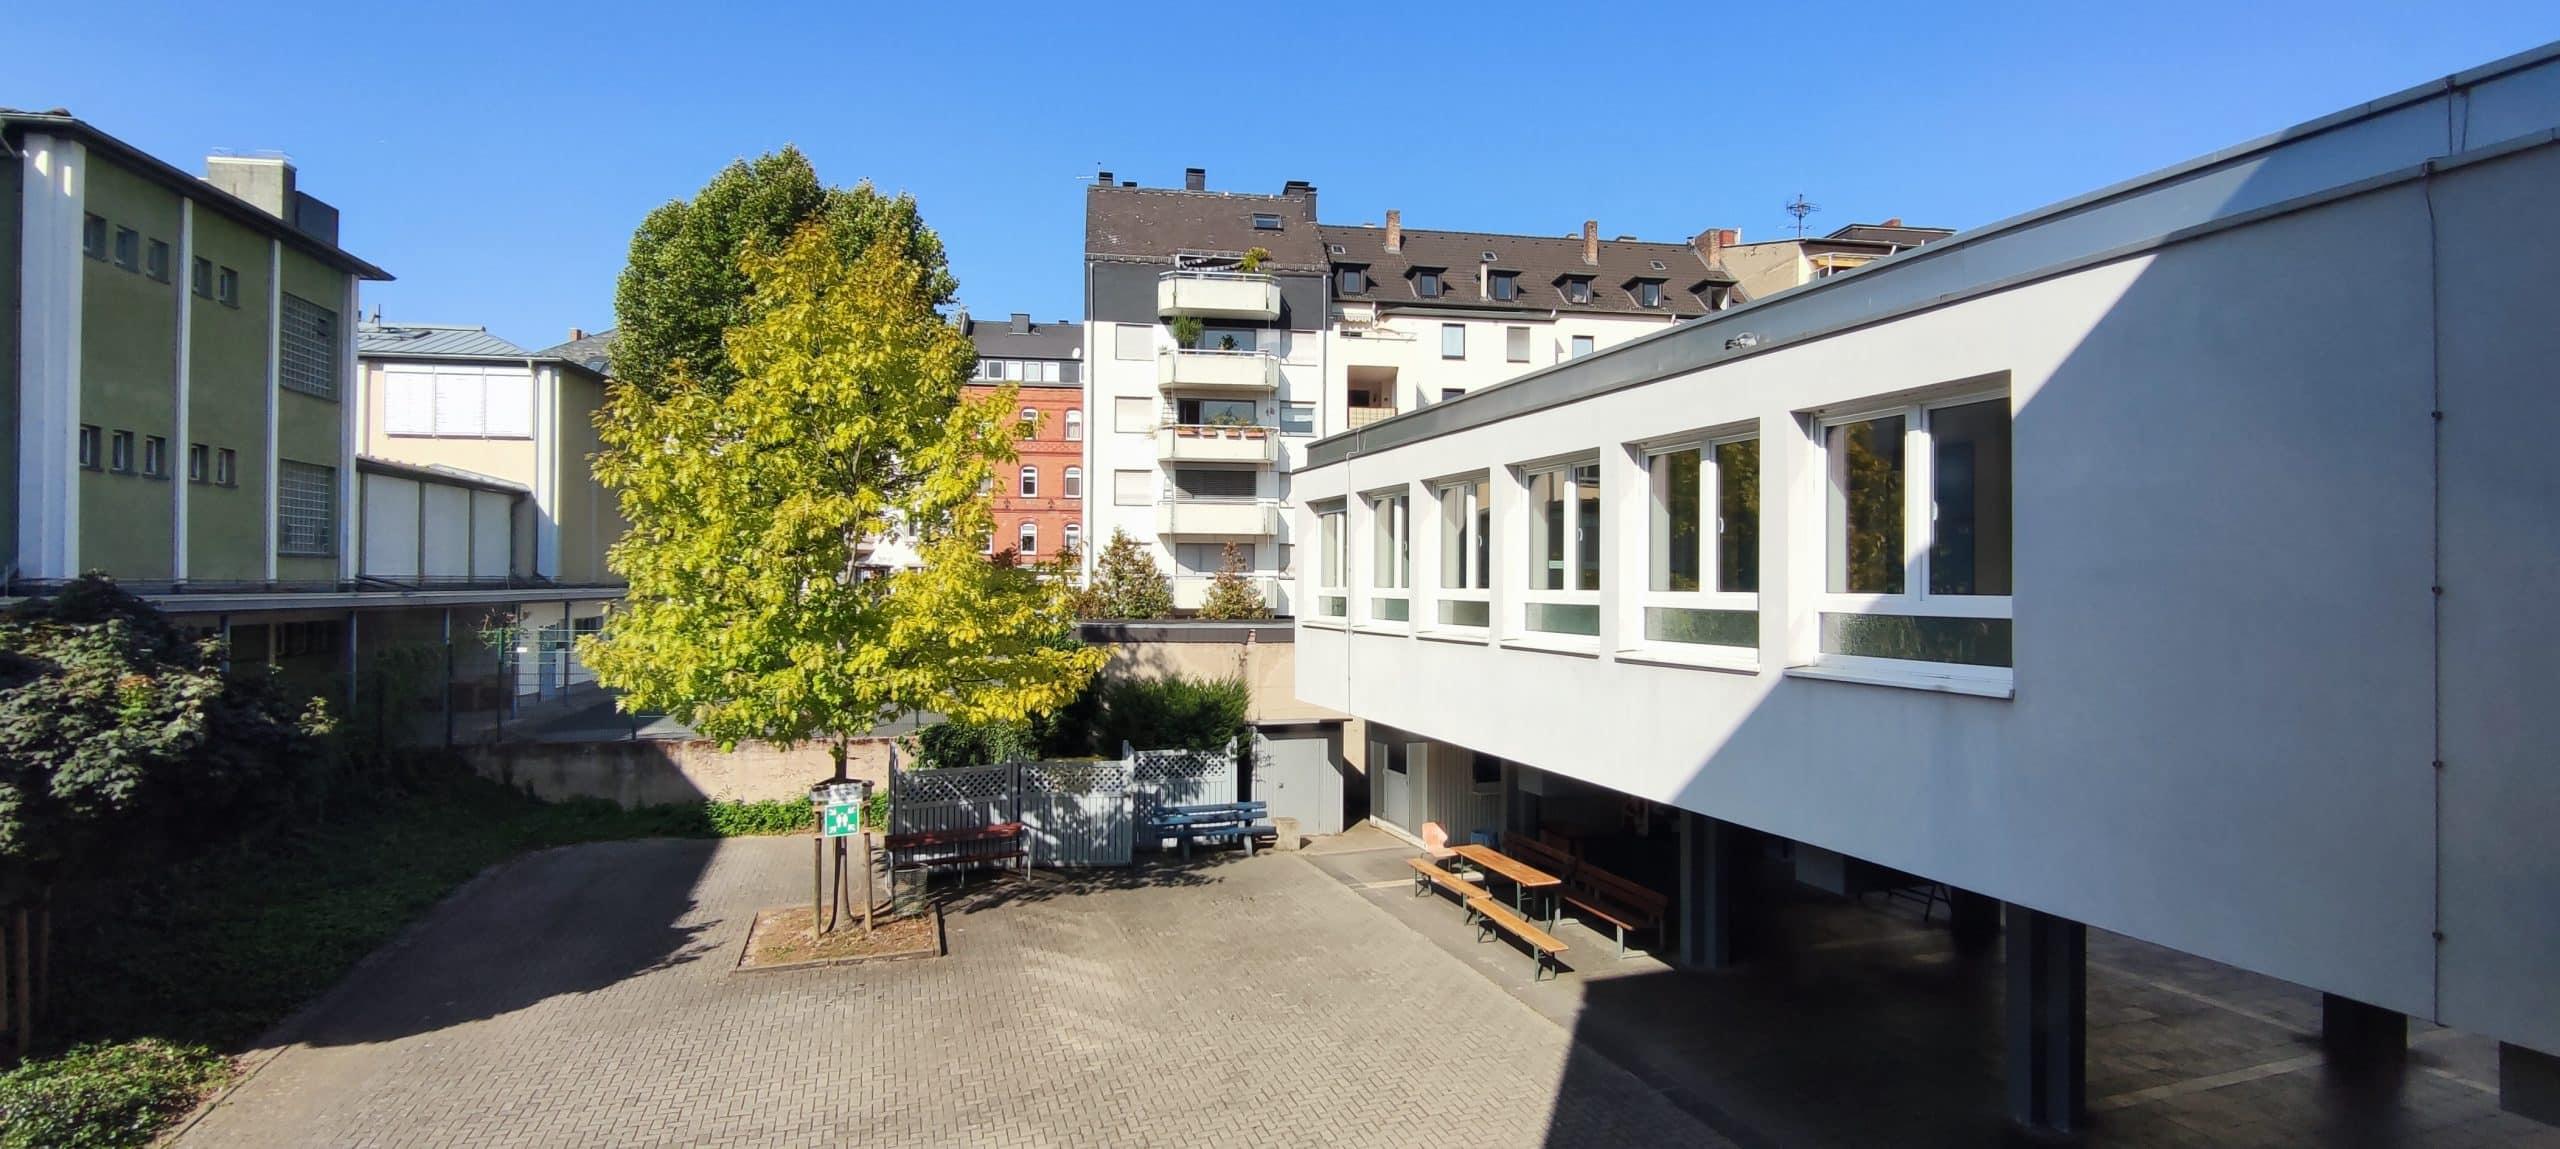 Dr. Zimmermannsche Wirtschaftsschule in Koblenz Schulhof aus Sicht des 1. OGs mit Blick auf den Anbau